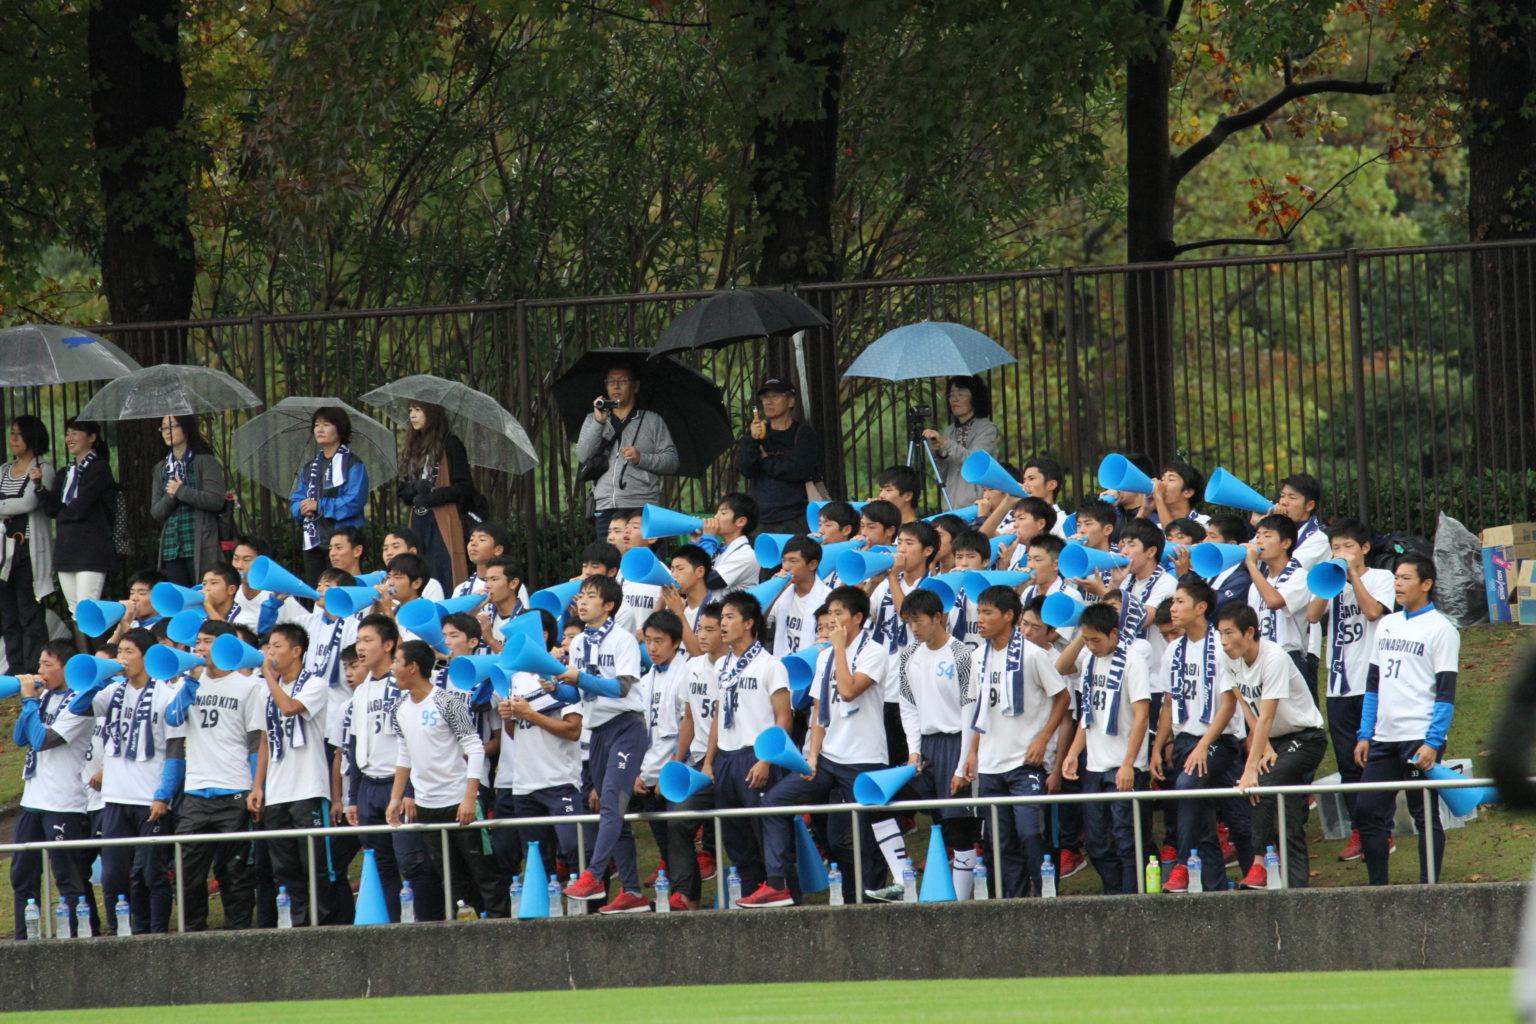 第98回 全国高校サッカー選手権鳥取県大会 準々決勝